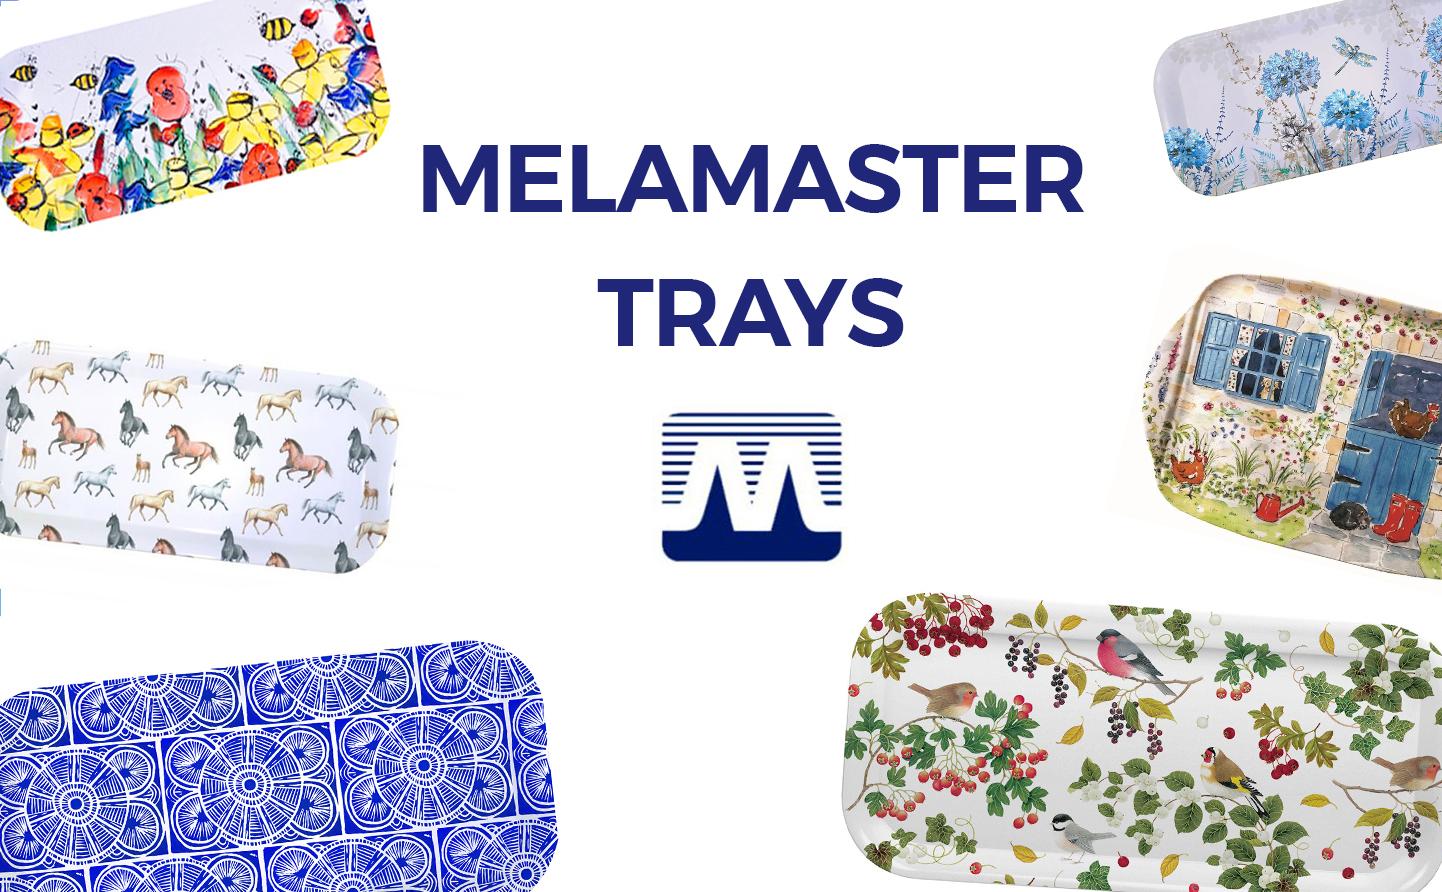 Melamaster trays